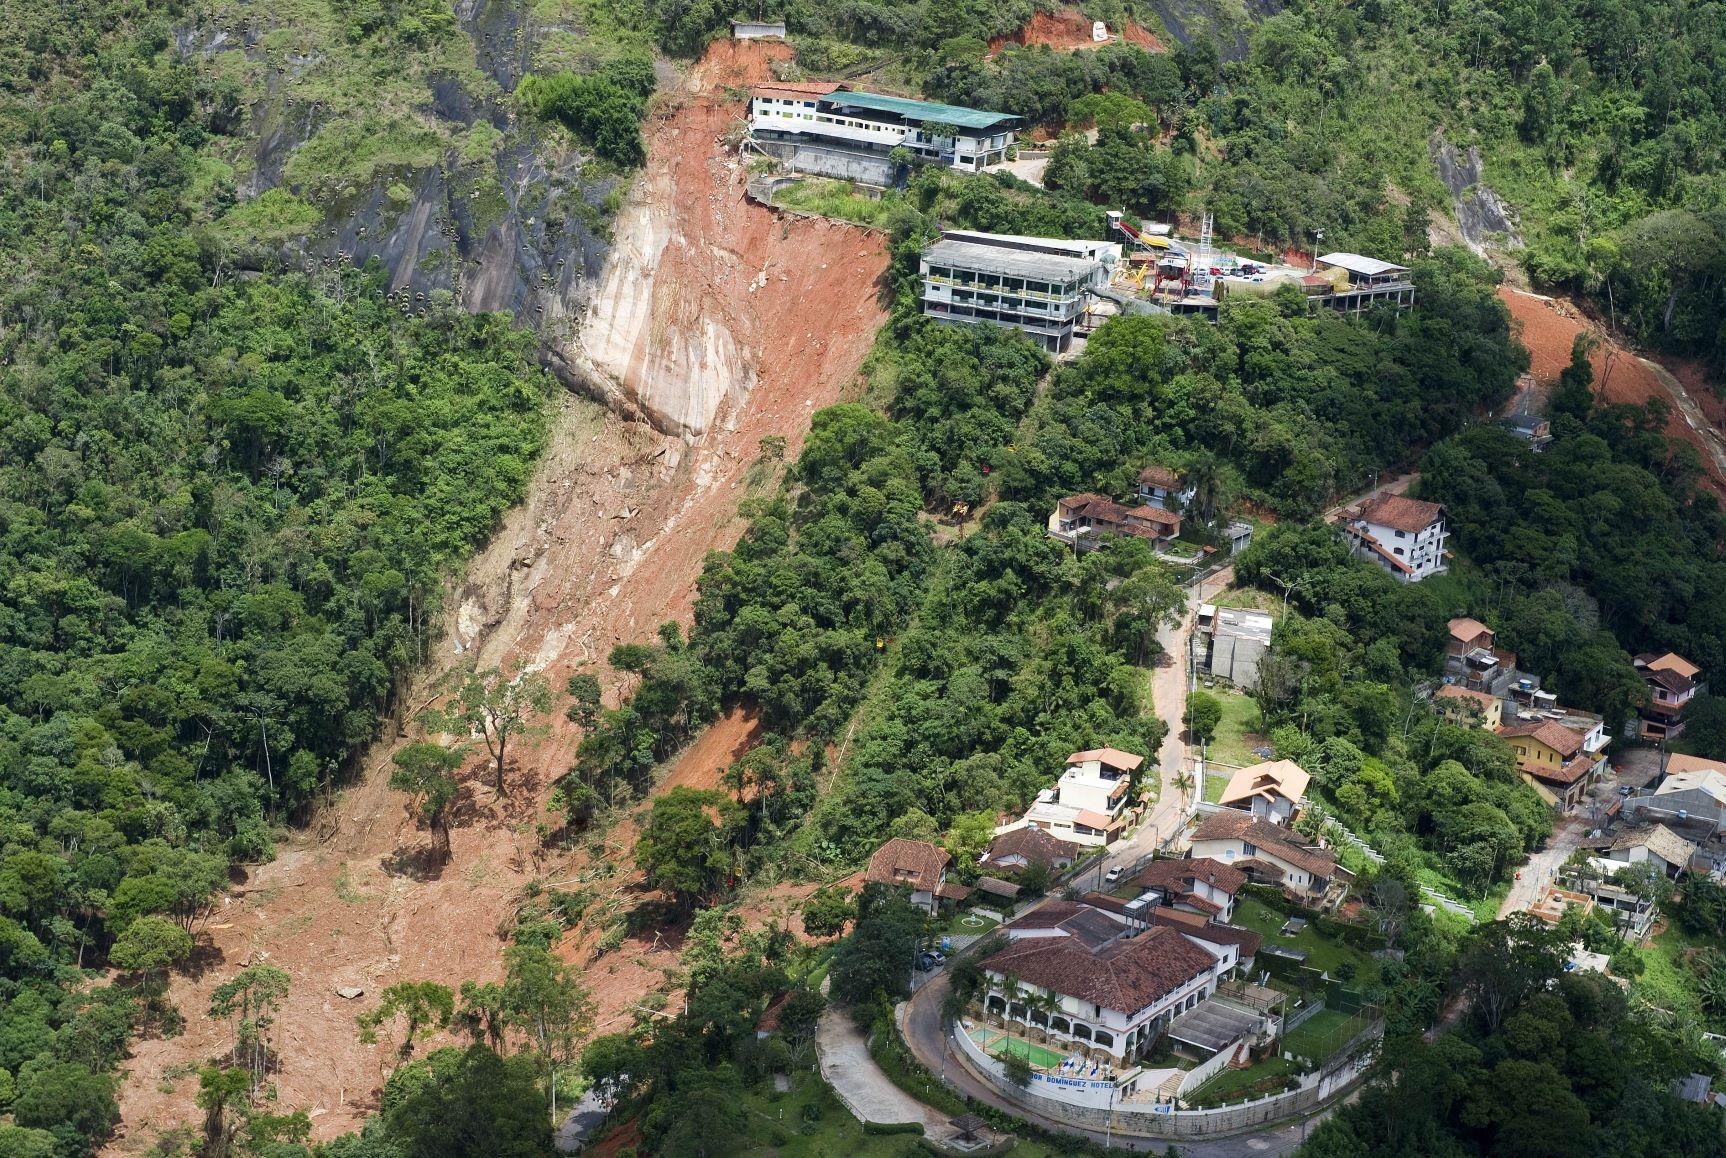 Deslizamento de terra gigantesco perto do centro de Nova Friburgo: geógrafa alerta que chuvas na região estão cada vez mais concentradas e mais intensas (Foto: Antonio Scorza/AFP - 18/01/2011)